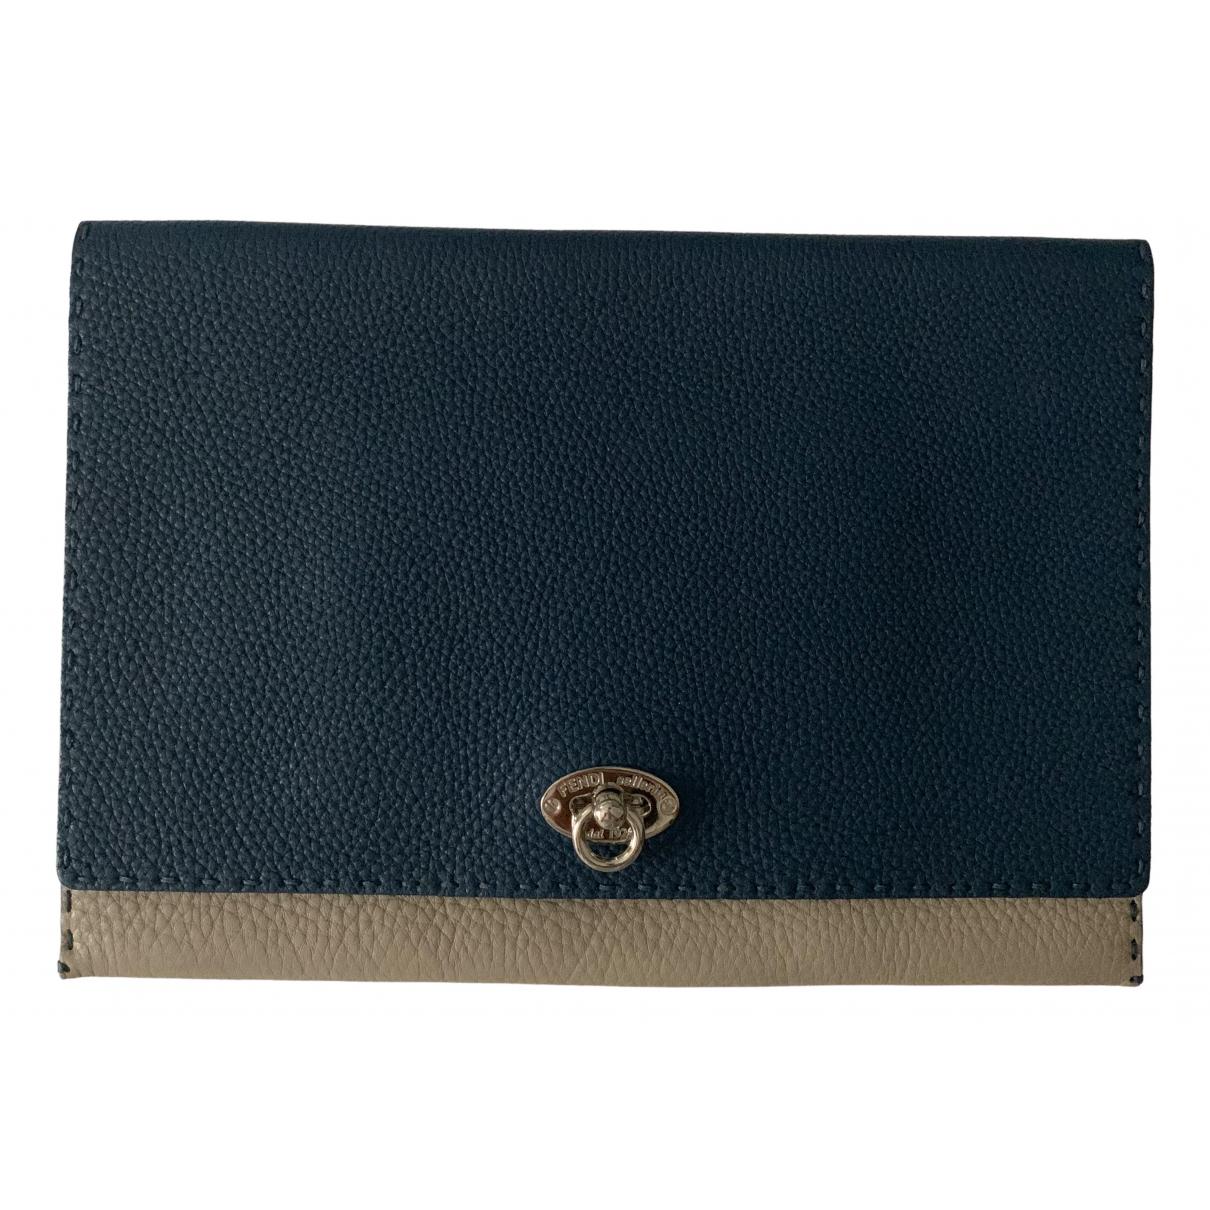 Fendi \N Blue Leather Clutch bag for Women \N